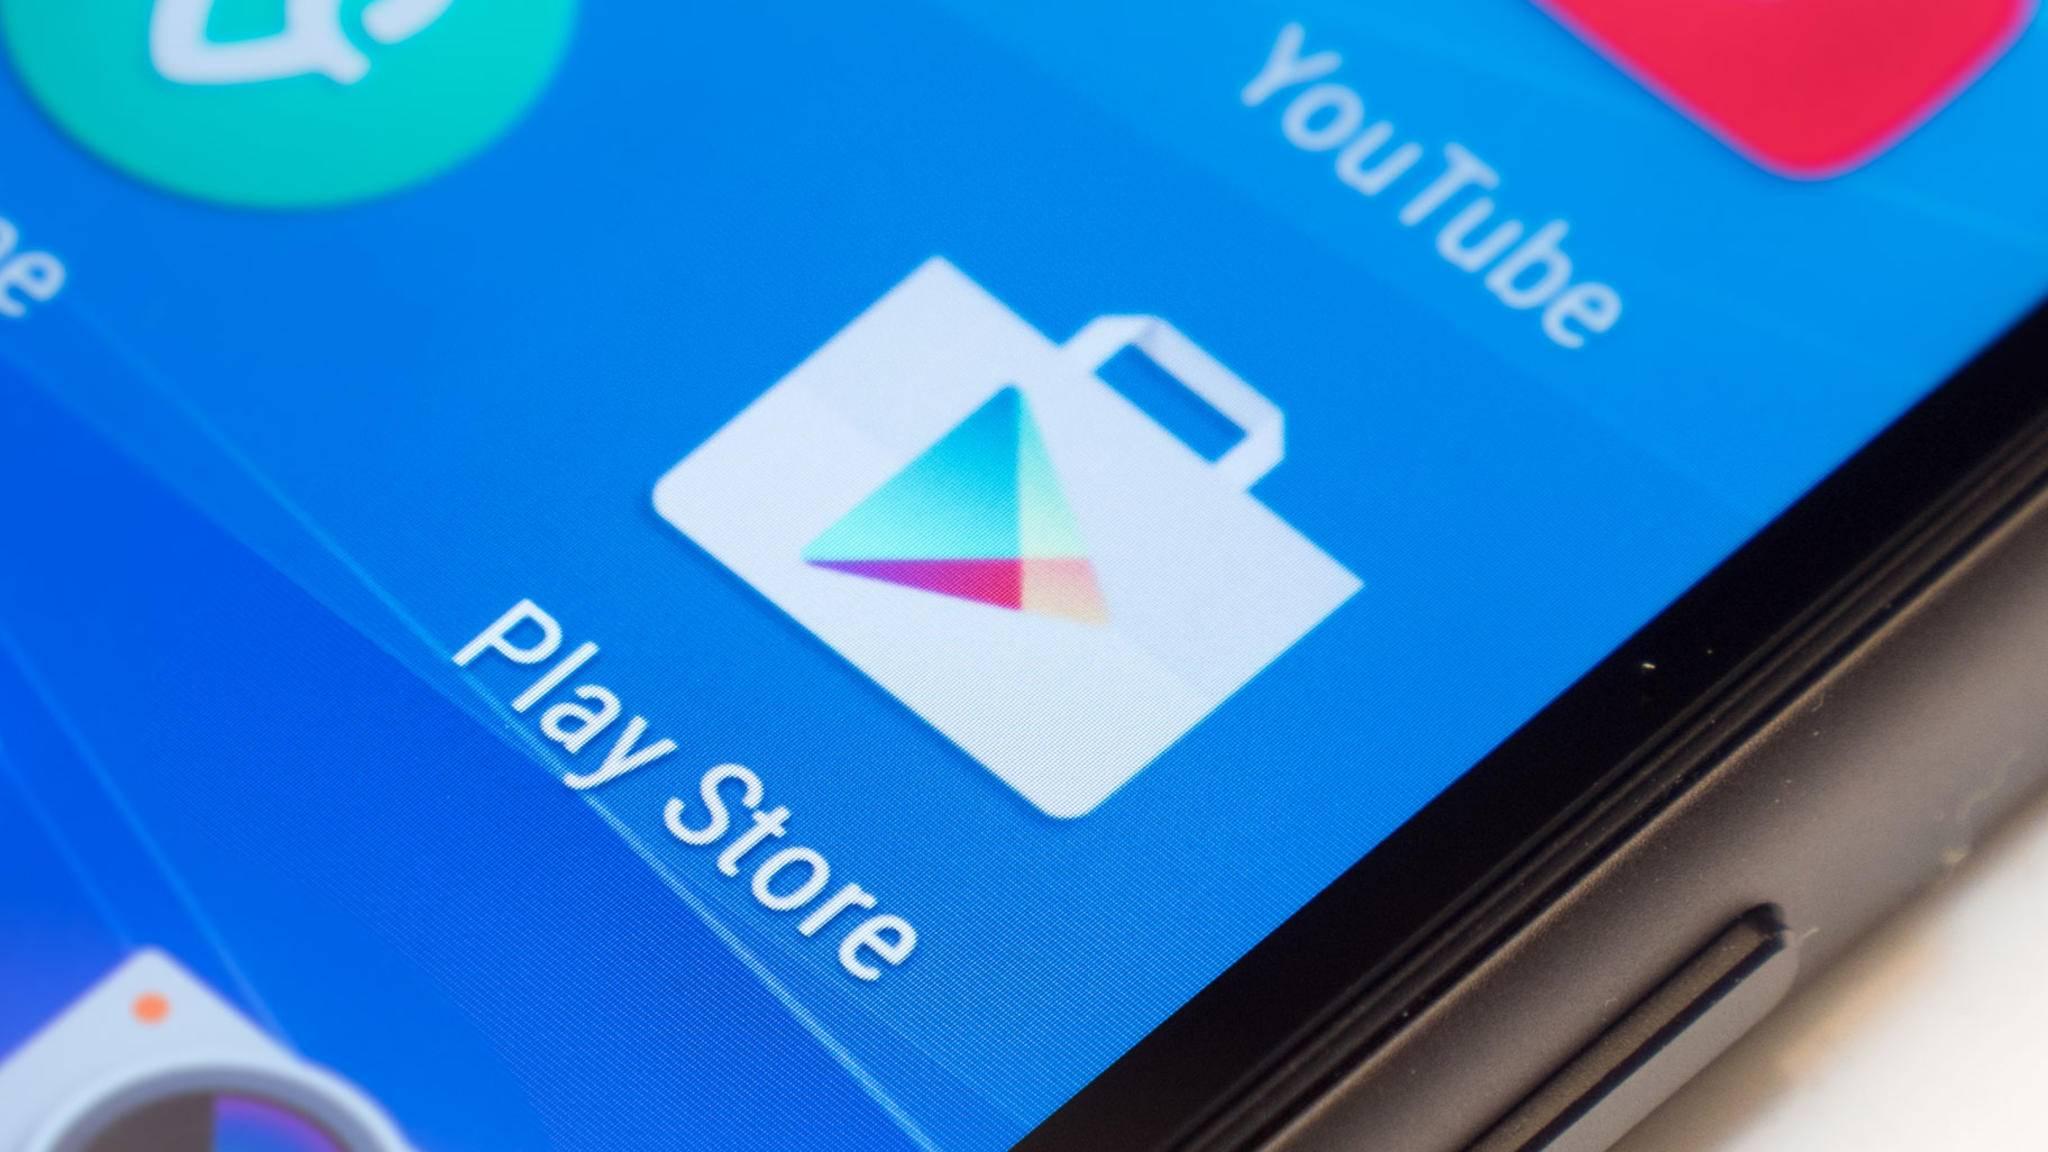 Für Probleme mit dem Google Play Store gibt es oft ganz einfache Lösungen.